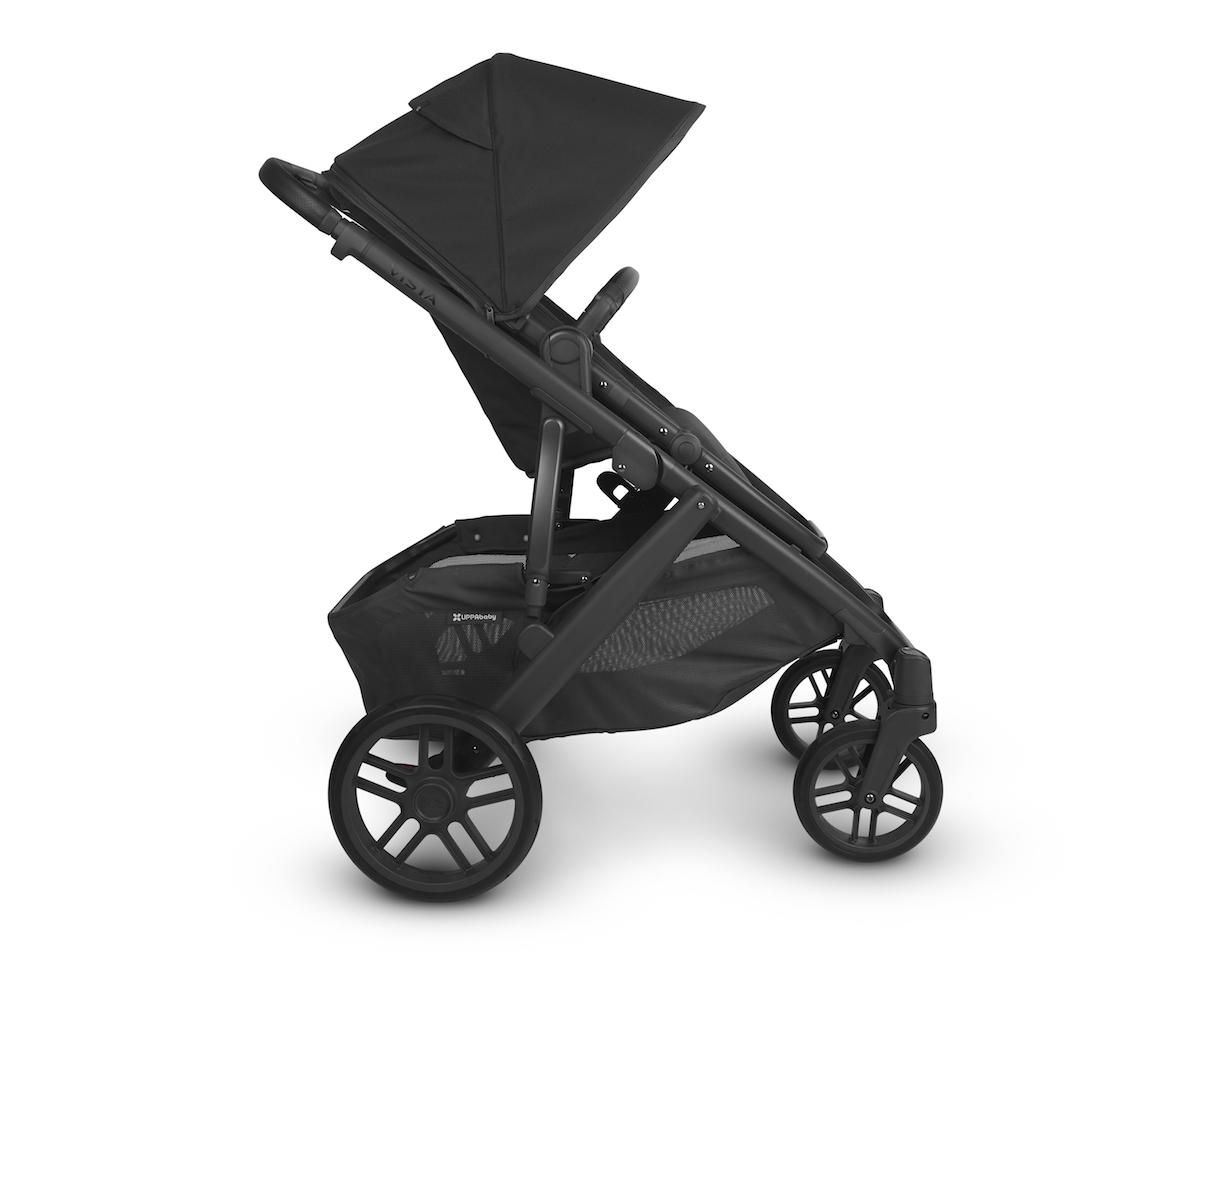 2020 UppaBaby Vista V2 Stroller - Jake Black - Destination ...